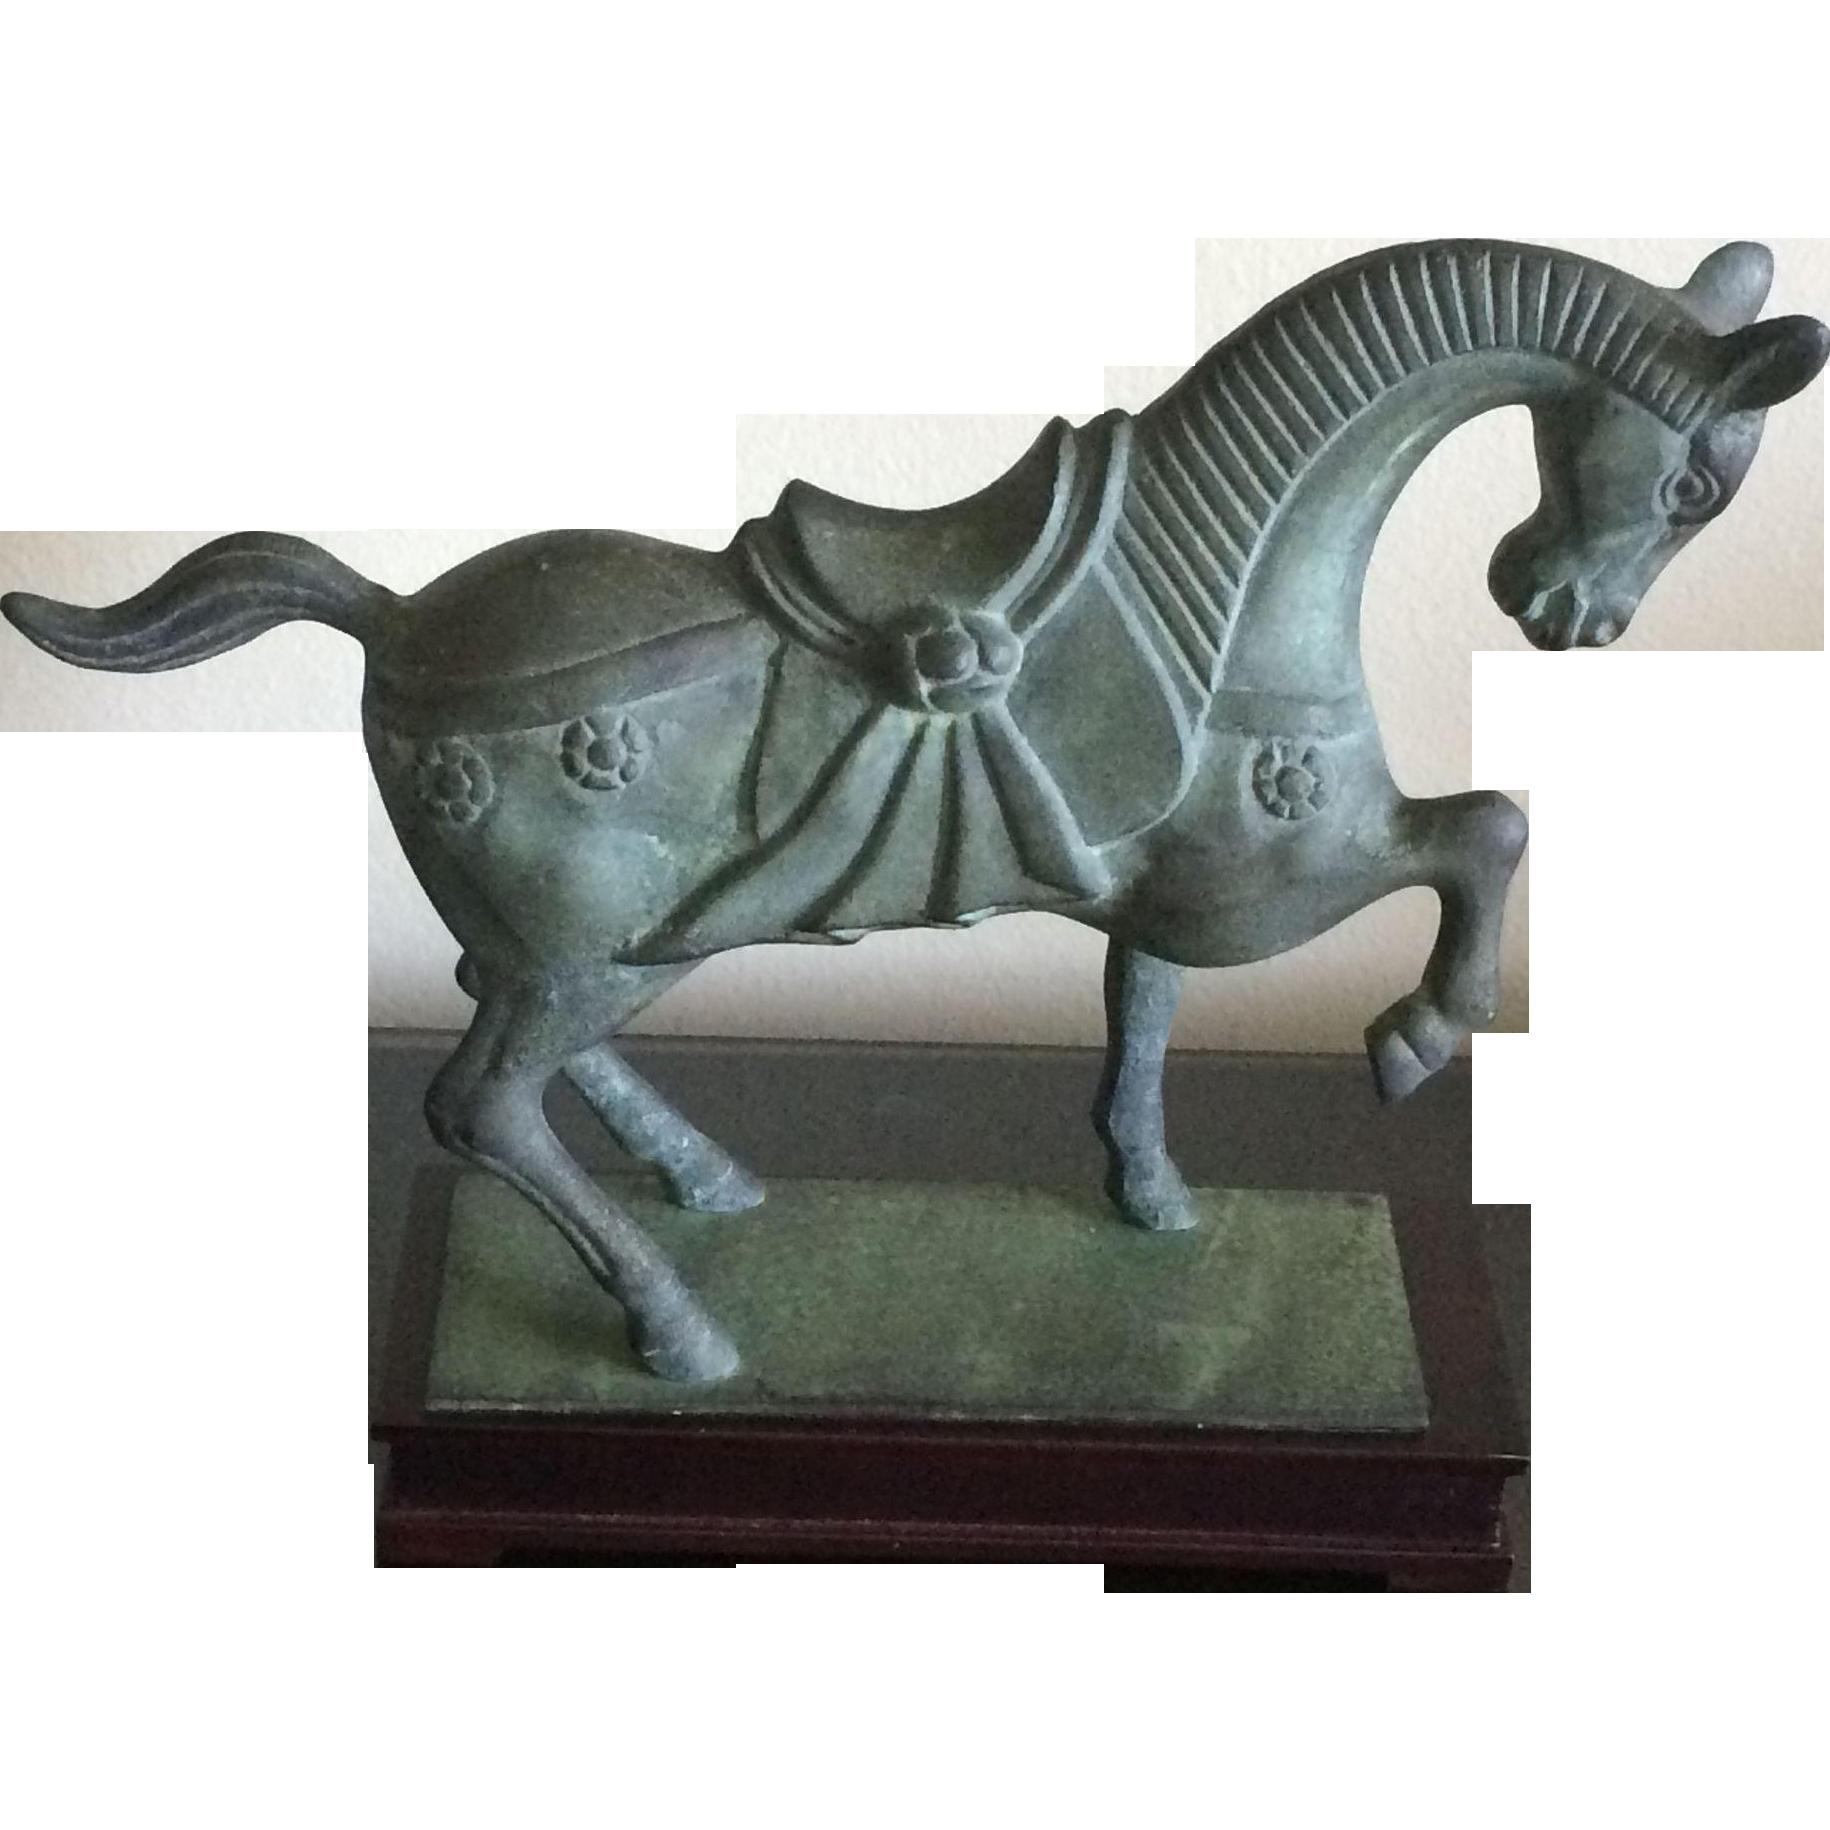 Vintage cast bronze horse sculpture